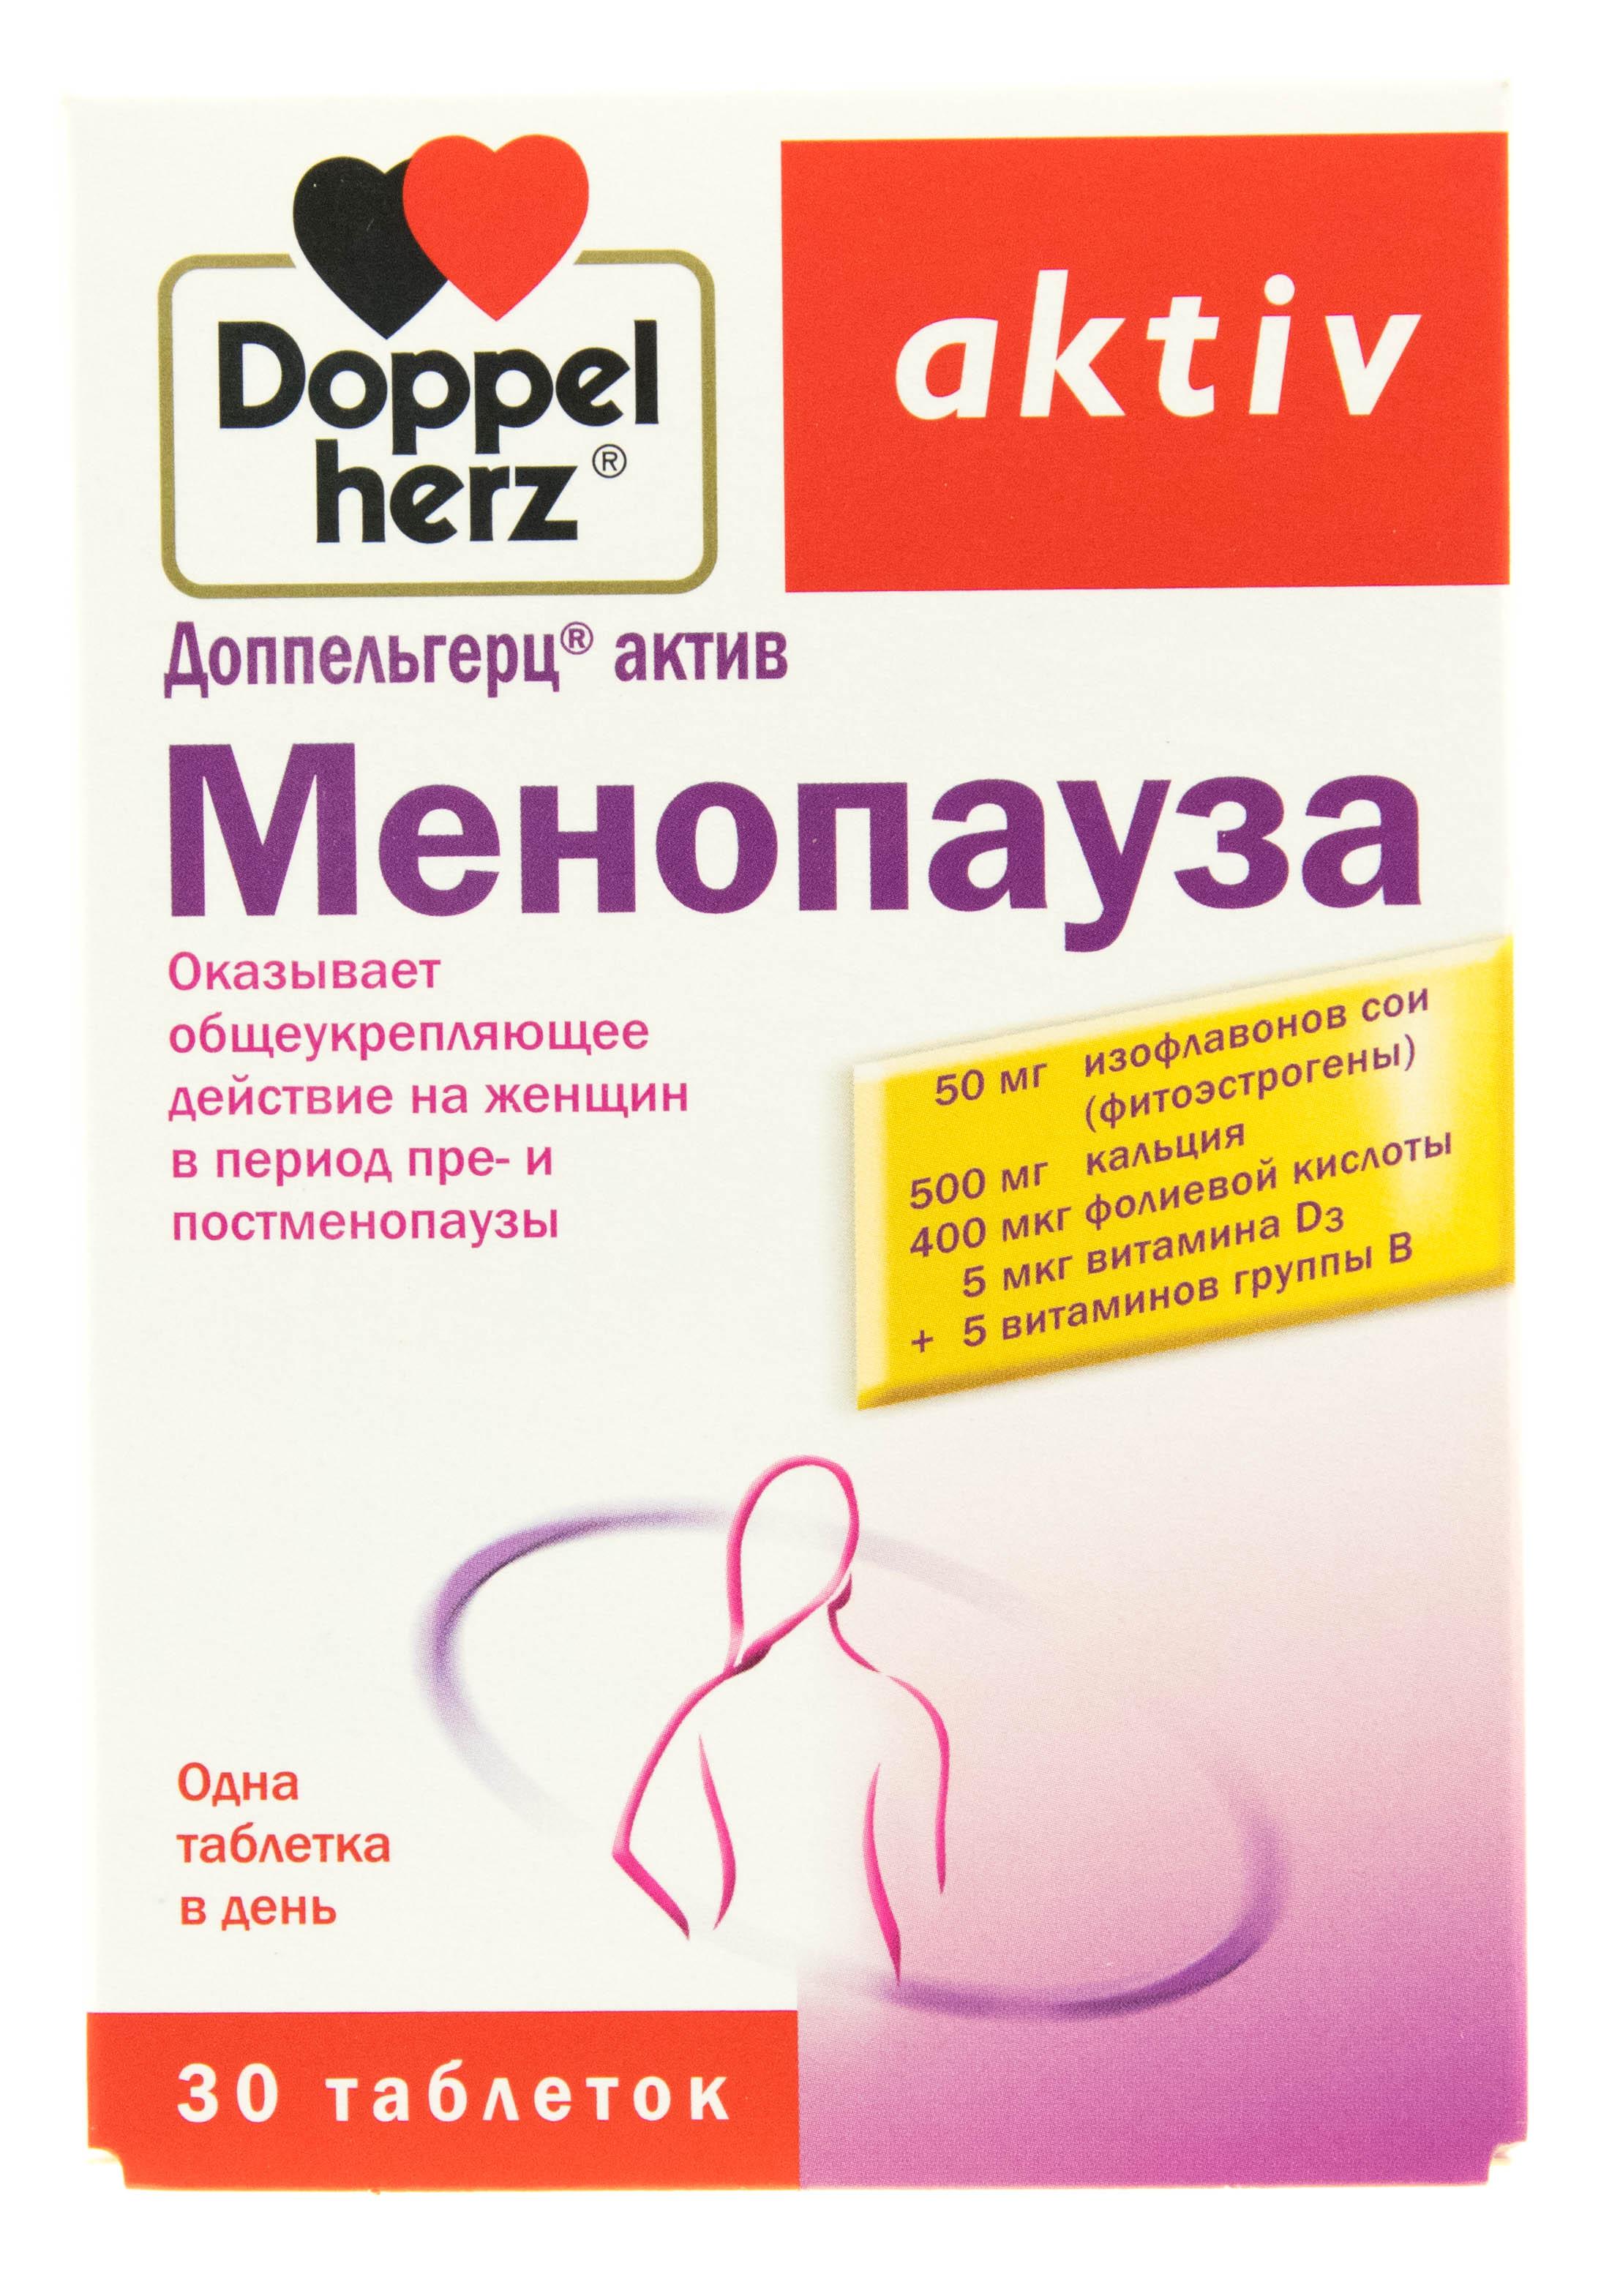 Менопауза, климакс, пременопауза, постменопауза. симптомы, диагностика, эффективное лечение и профилактика менопаузы. :: polismed.com